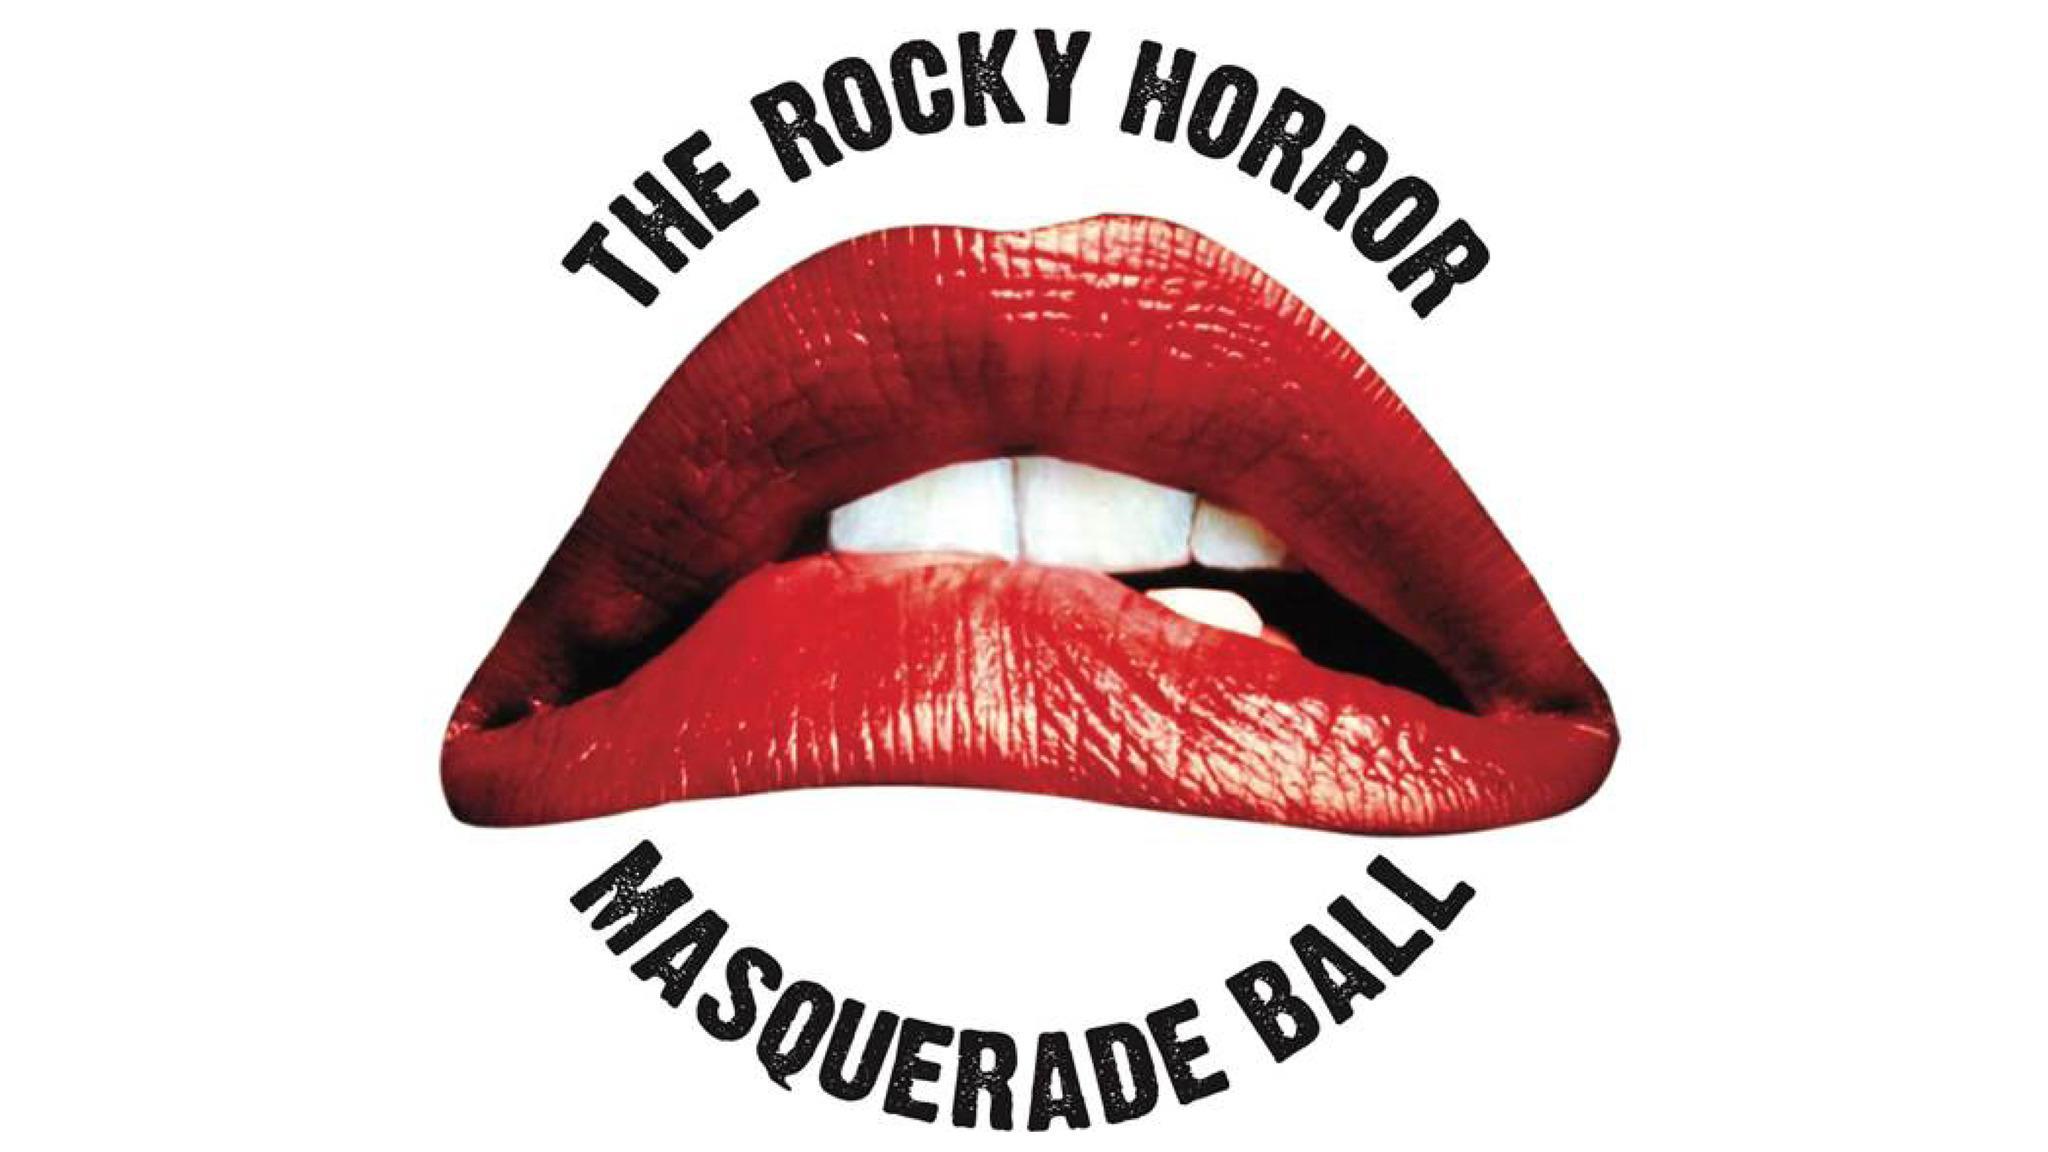 The Rocky Horror Masquerade Ball